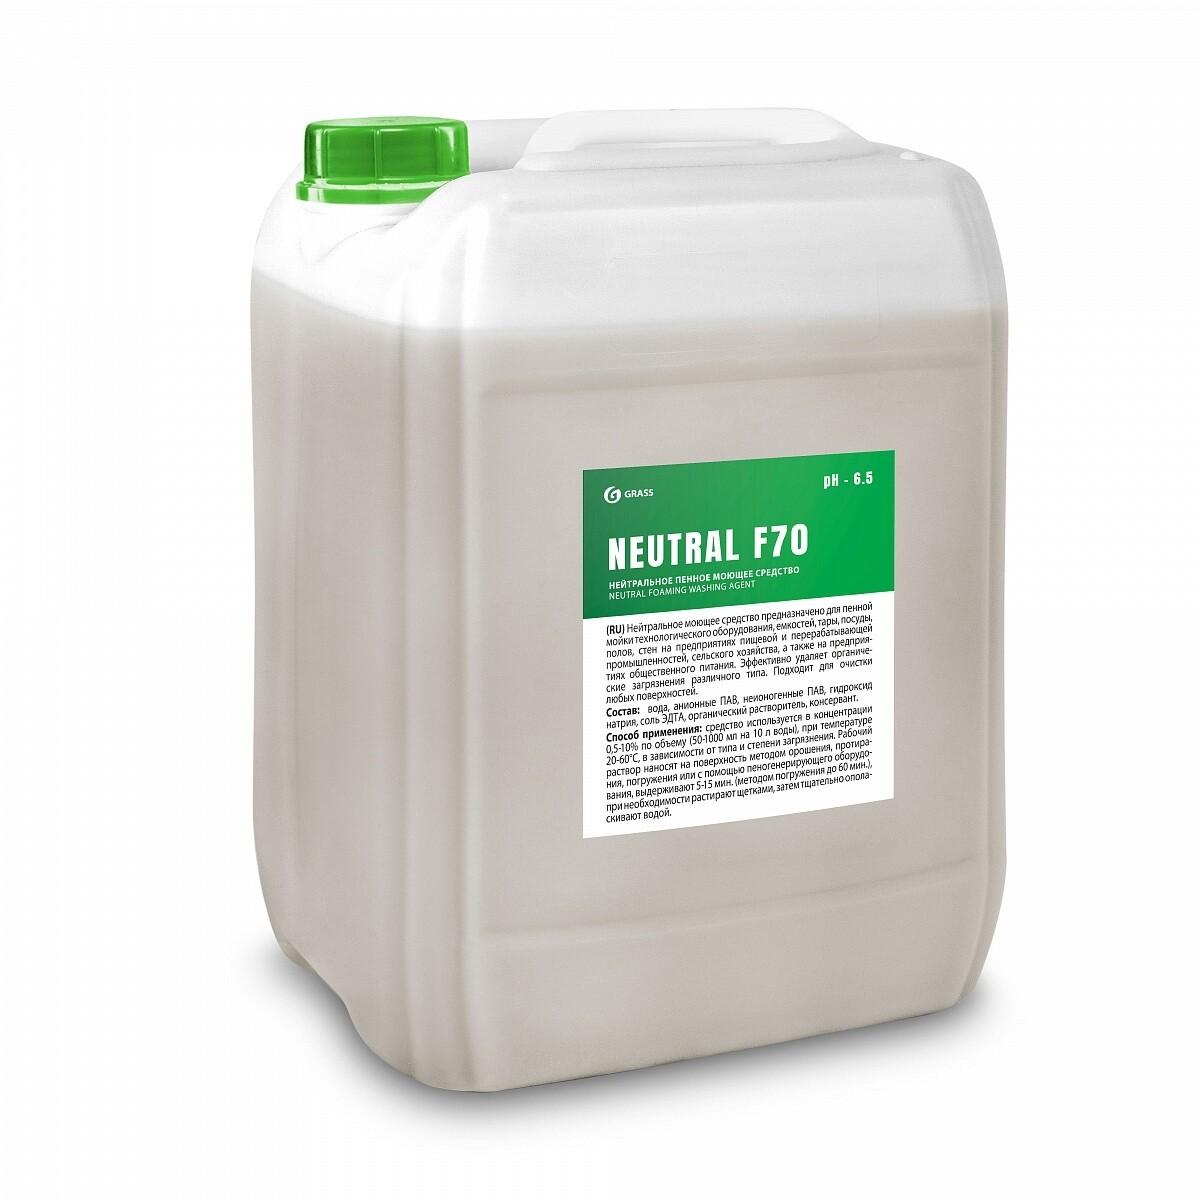 Нейтральное пенное моющее средство NEUTRAL F70